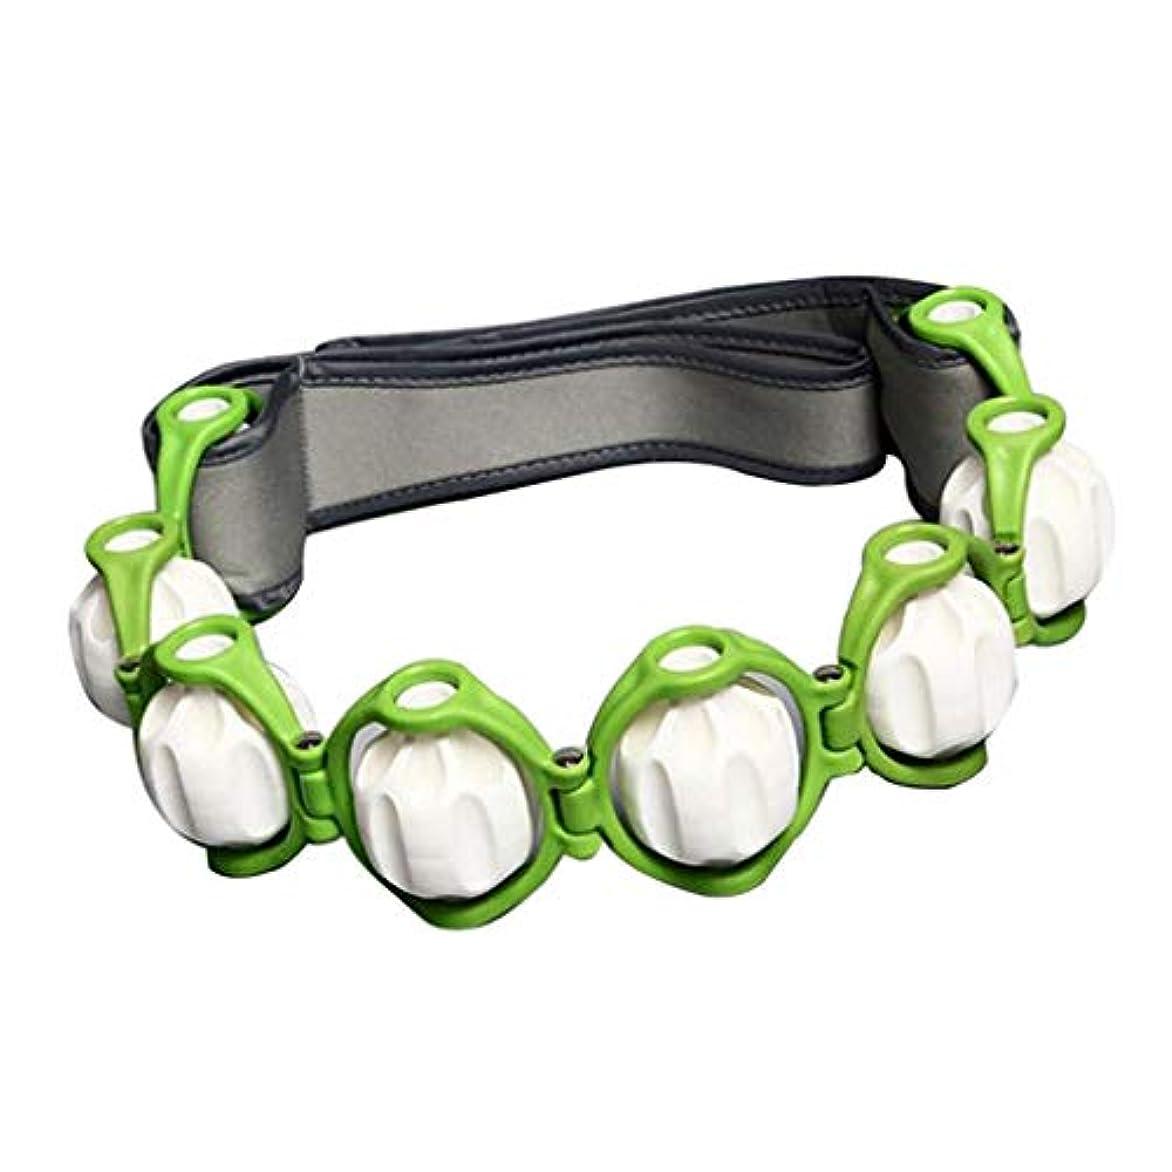 吐き出す電卓フックトリガーポイントノードローリングボール付きハンドヘルドフルボディマッサージローラーロープ - 緑, 説明したように